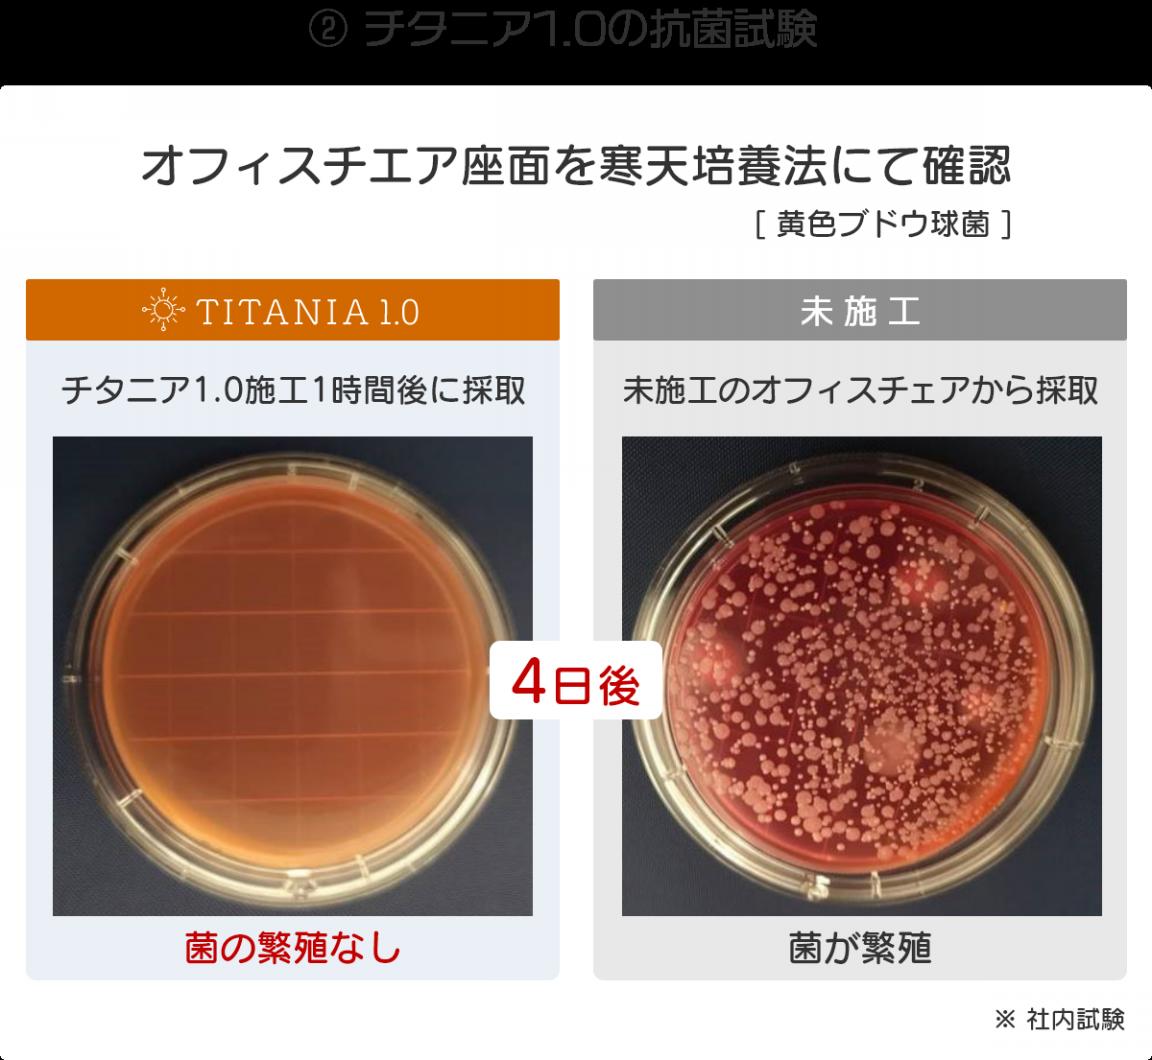 チタニア1.0の抗菌試験